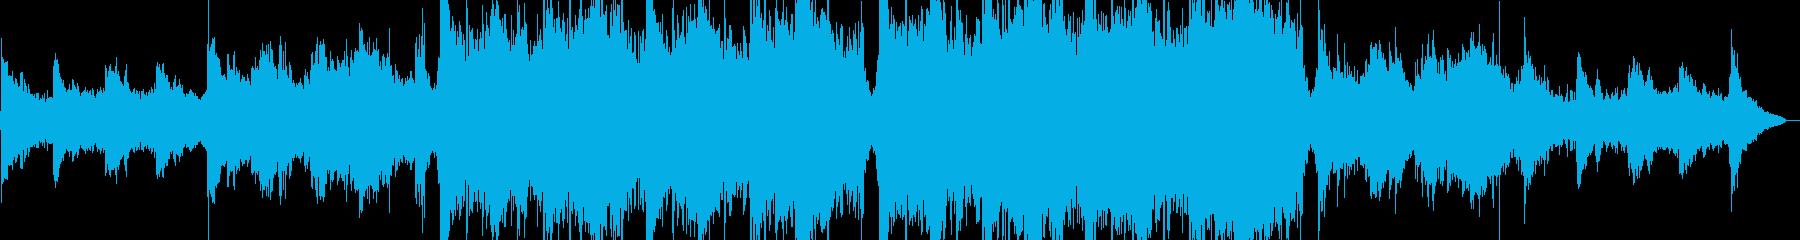 オーケストラの壮大な刺激的な動機の再生済みの波形